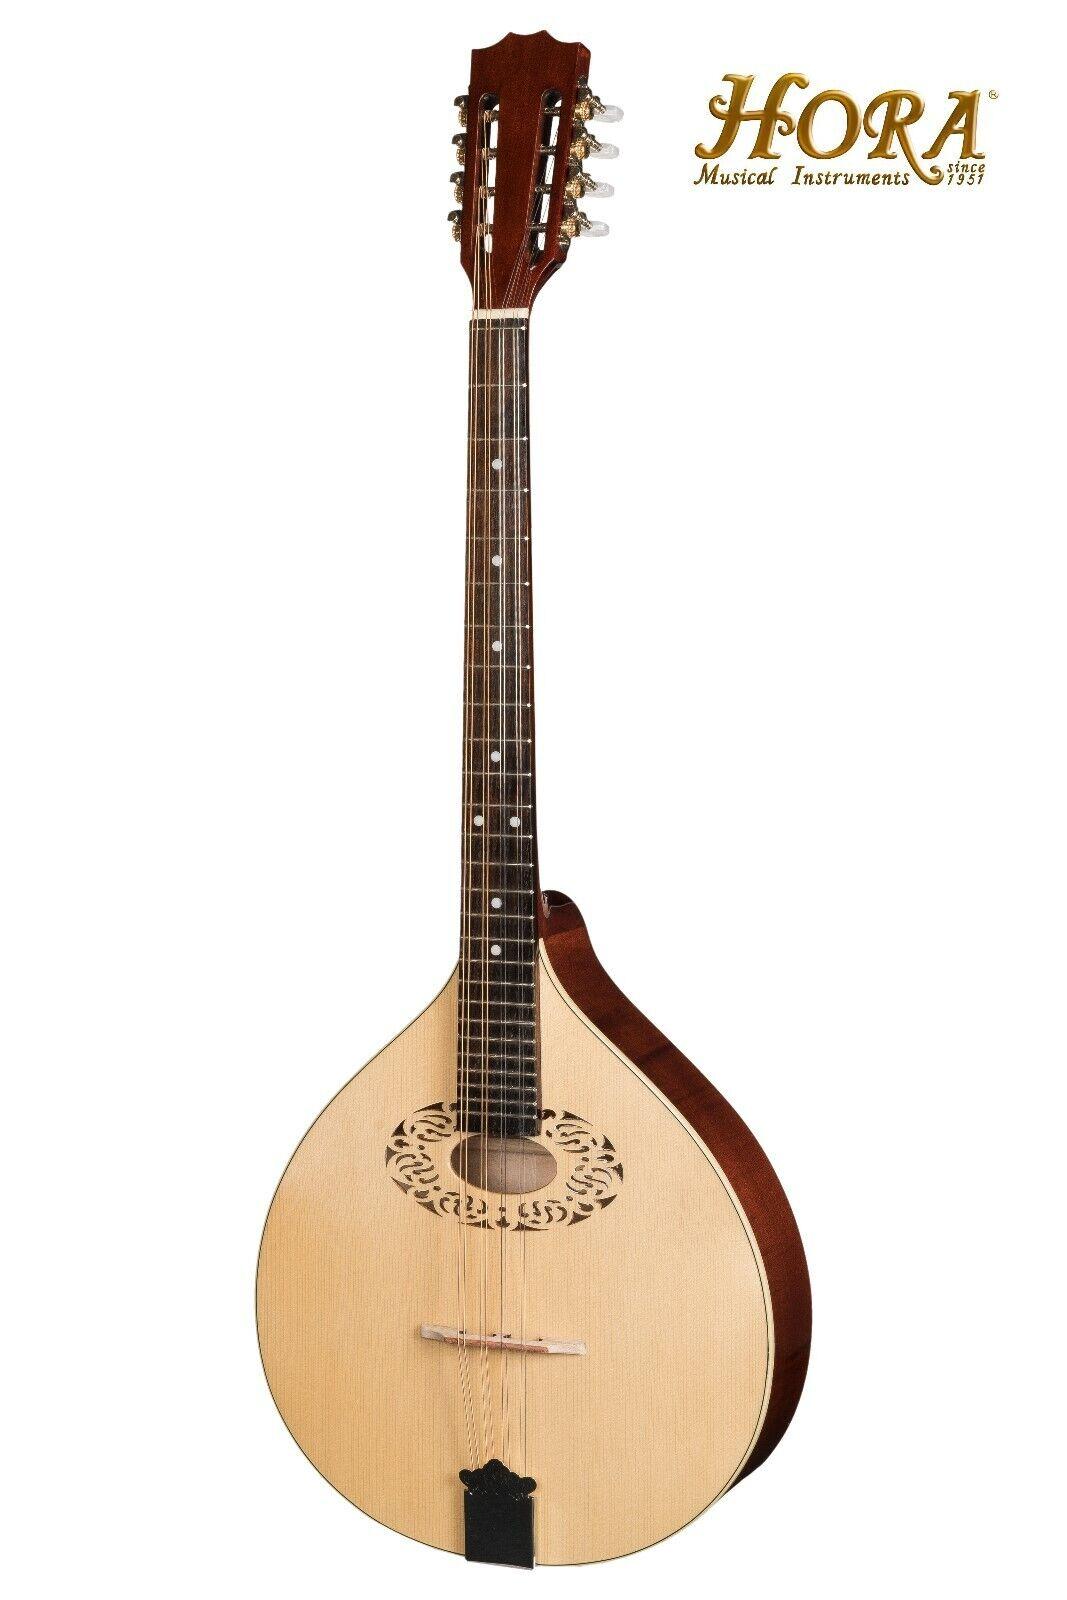 Octave mandolin by Hora Romania